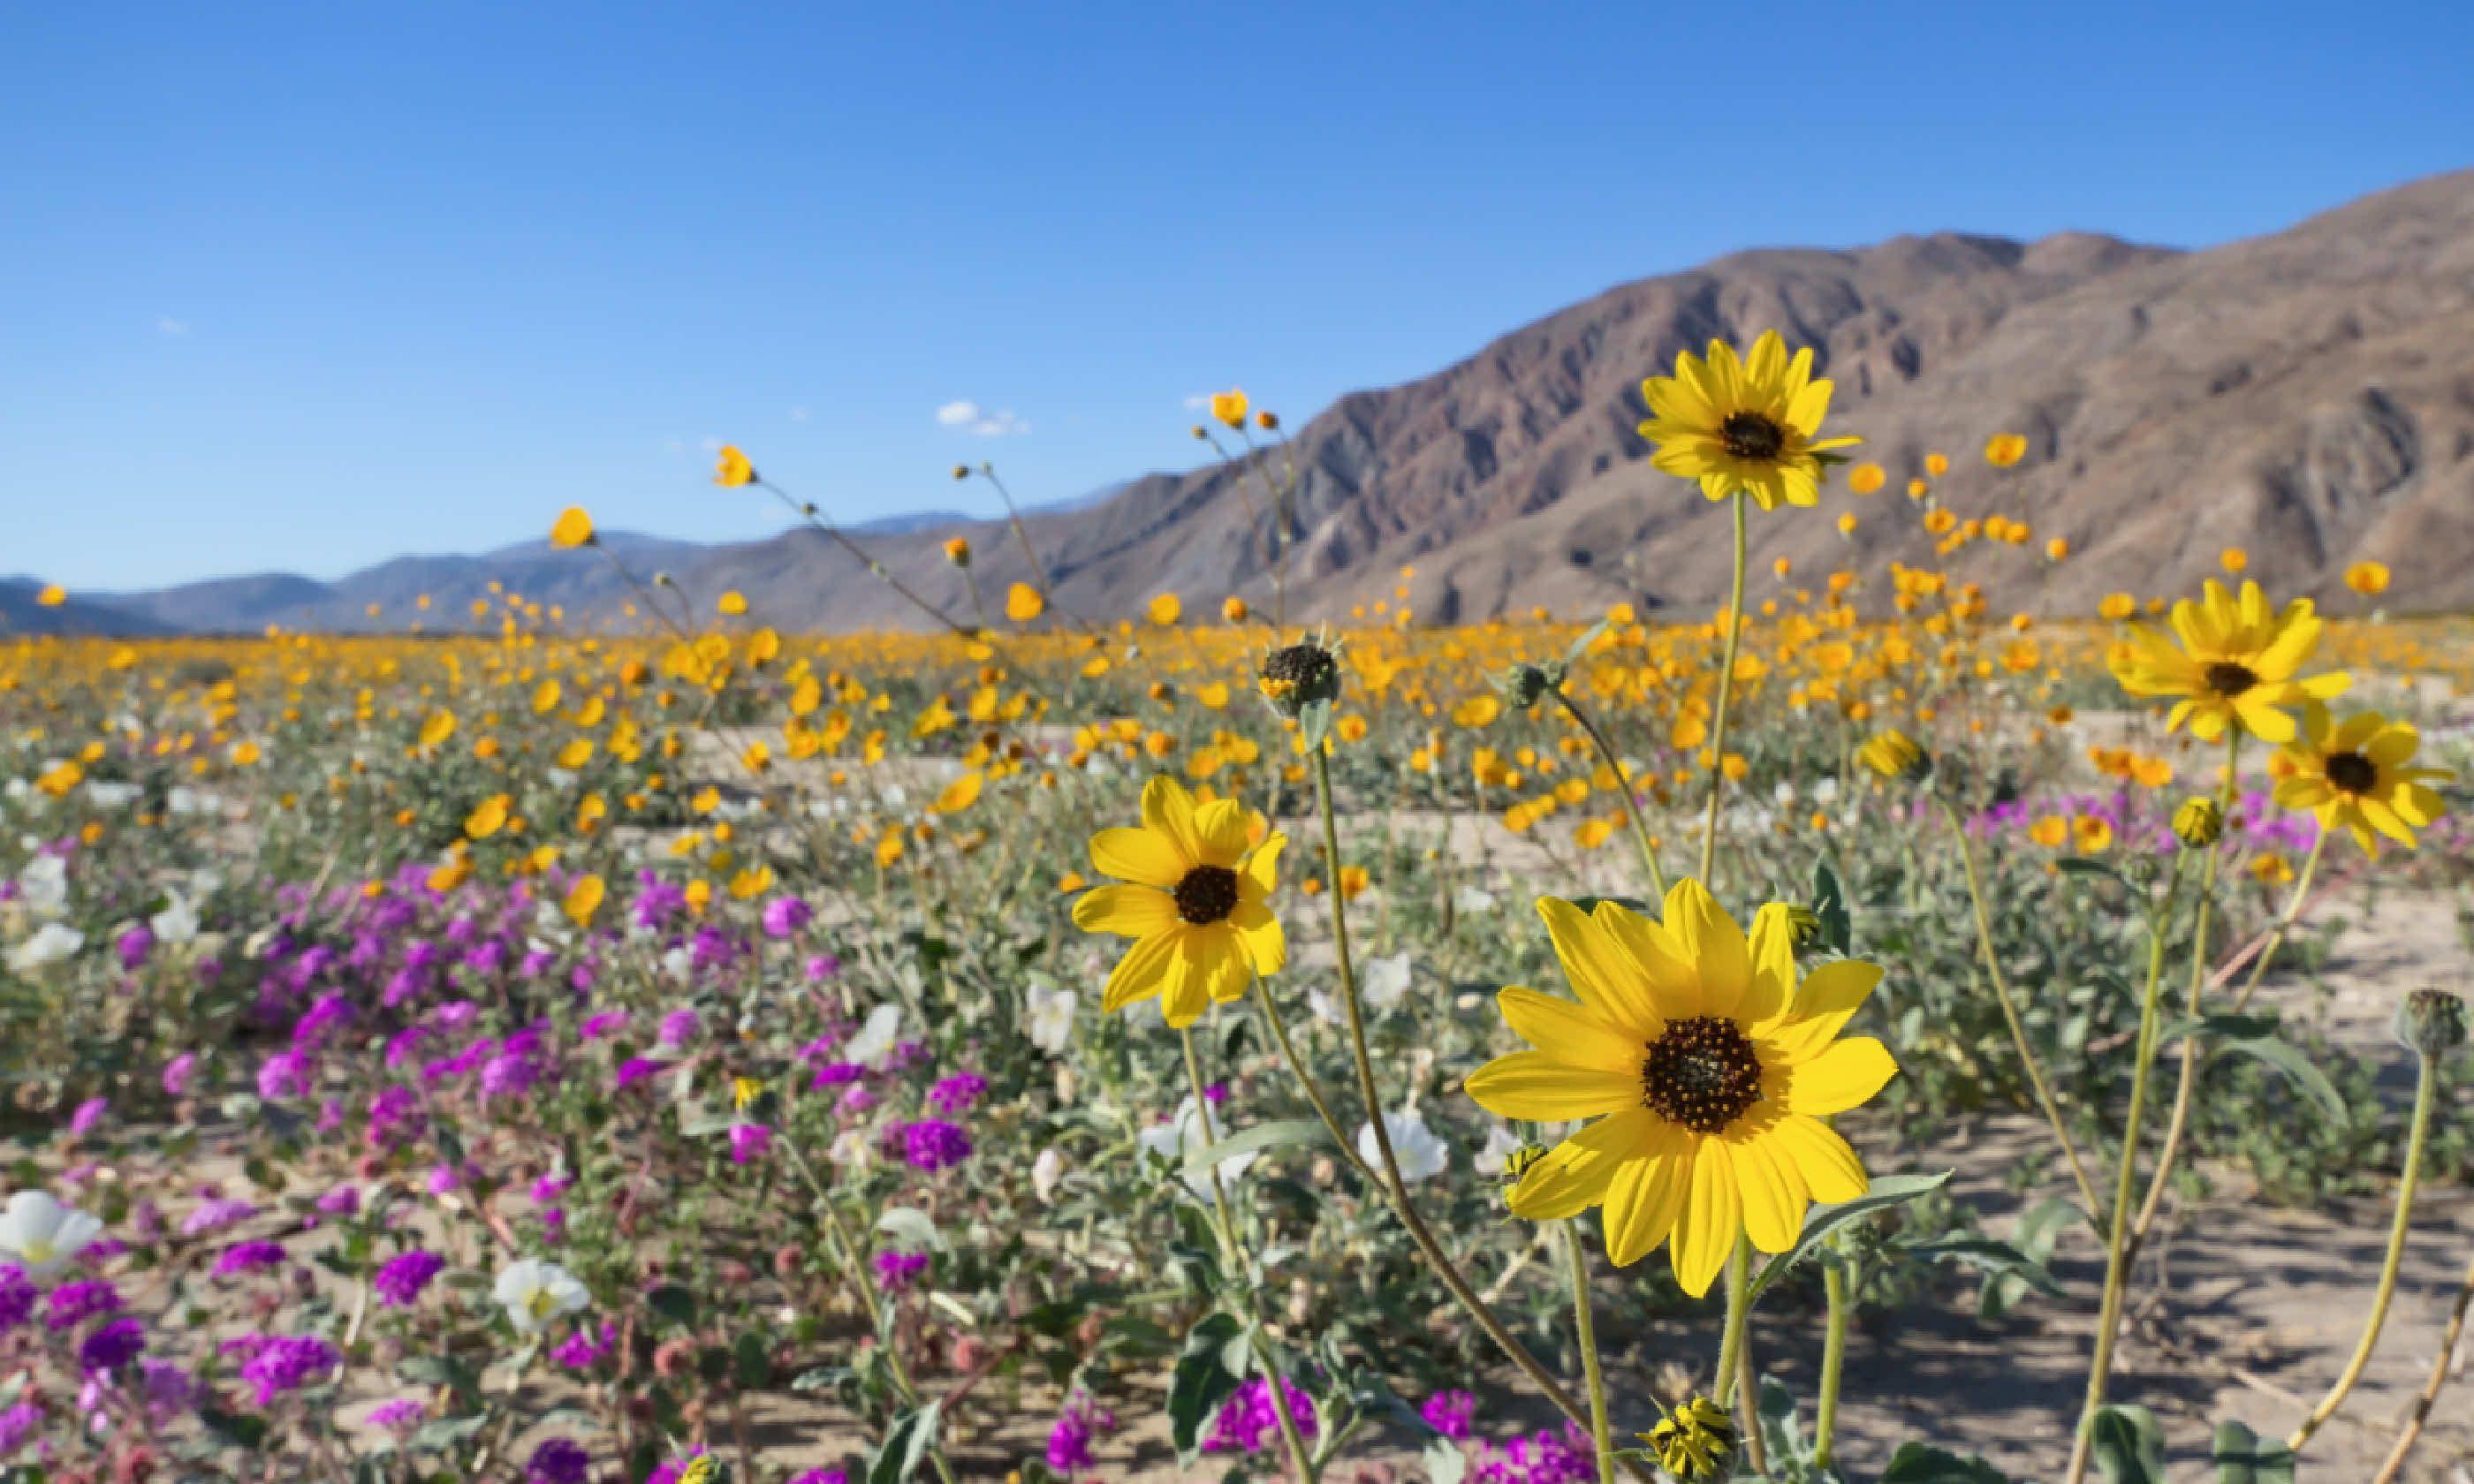 Borrego Desert State Park, California (Shutterstock)